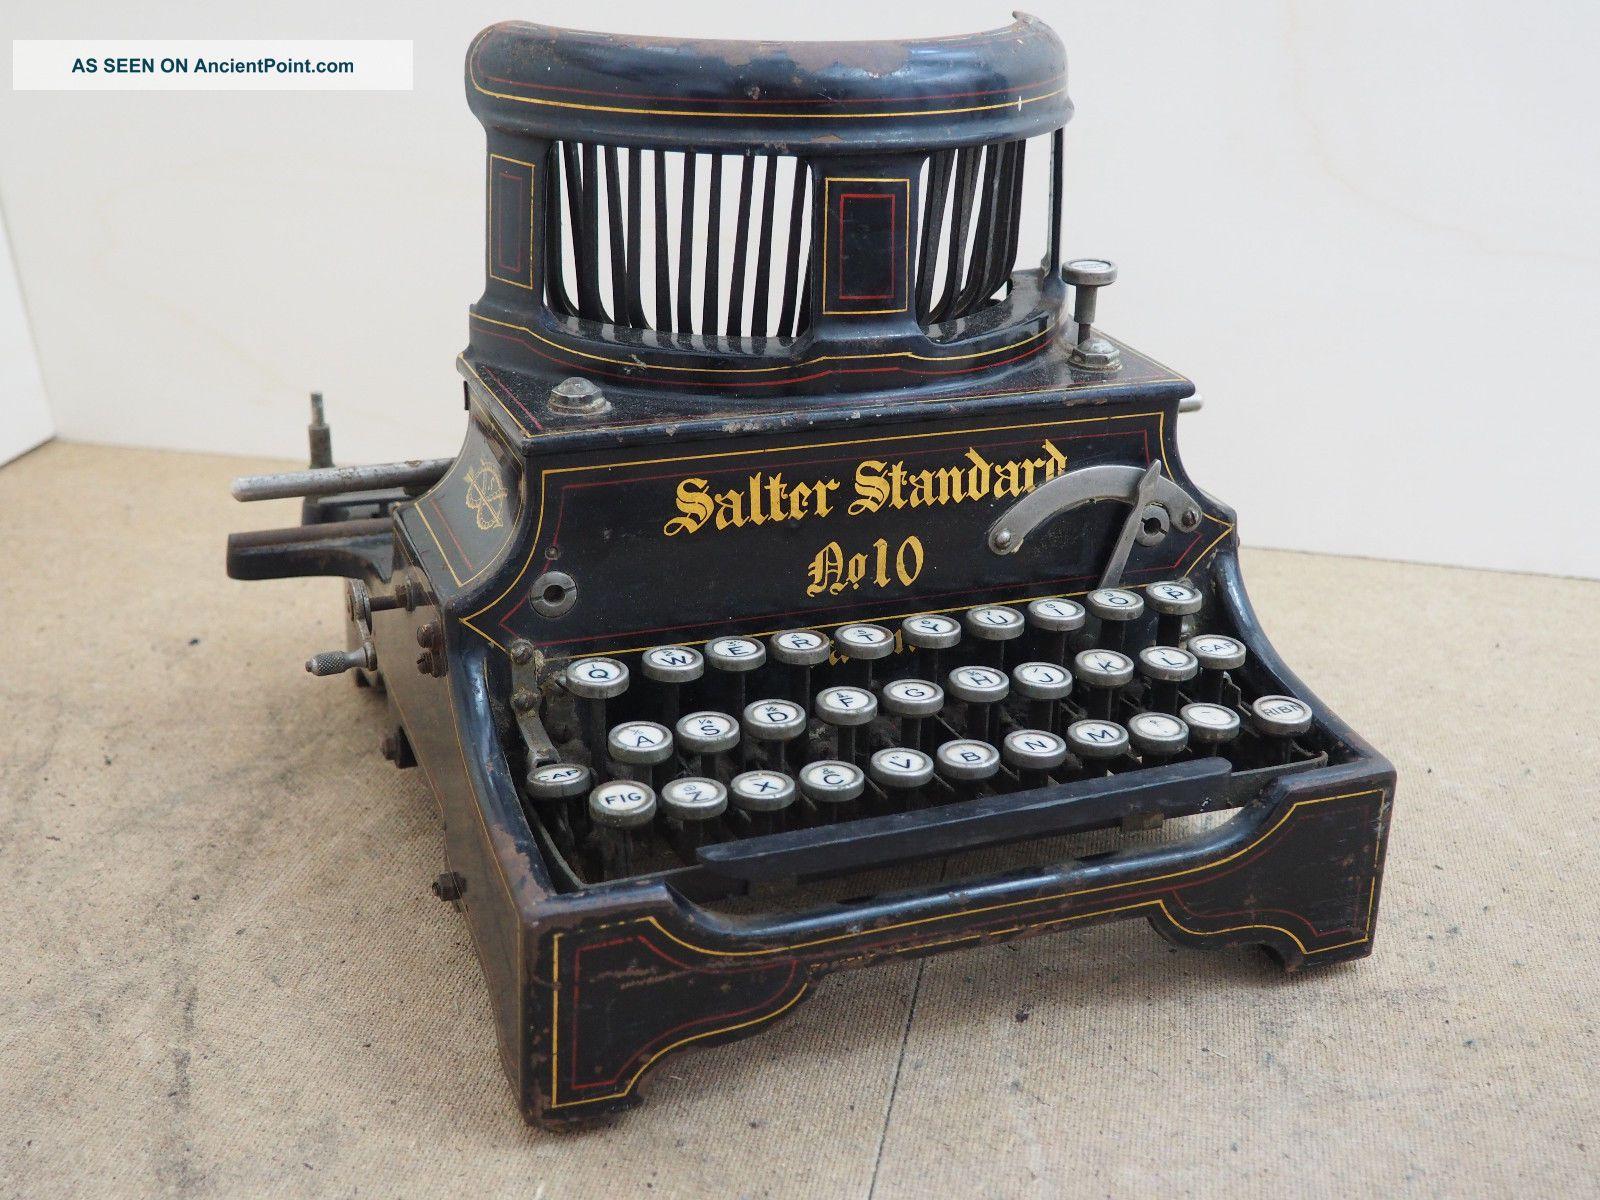 Antique Typewriter Salter 10 Schreibmaschine Ecrire Escribir Scrivere Typewriters photo